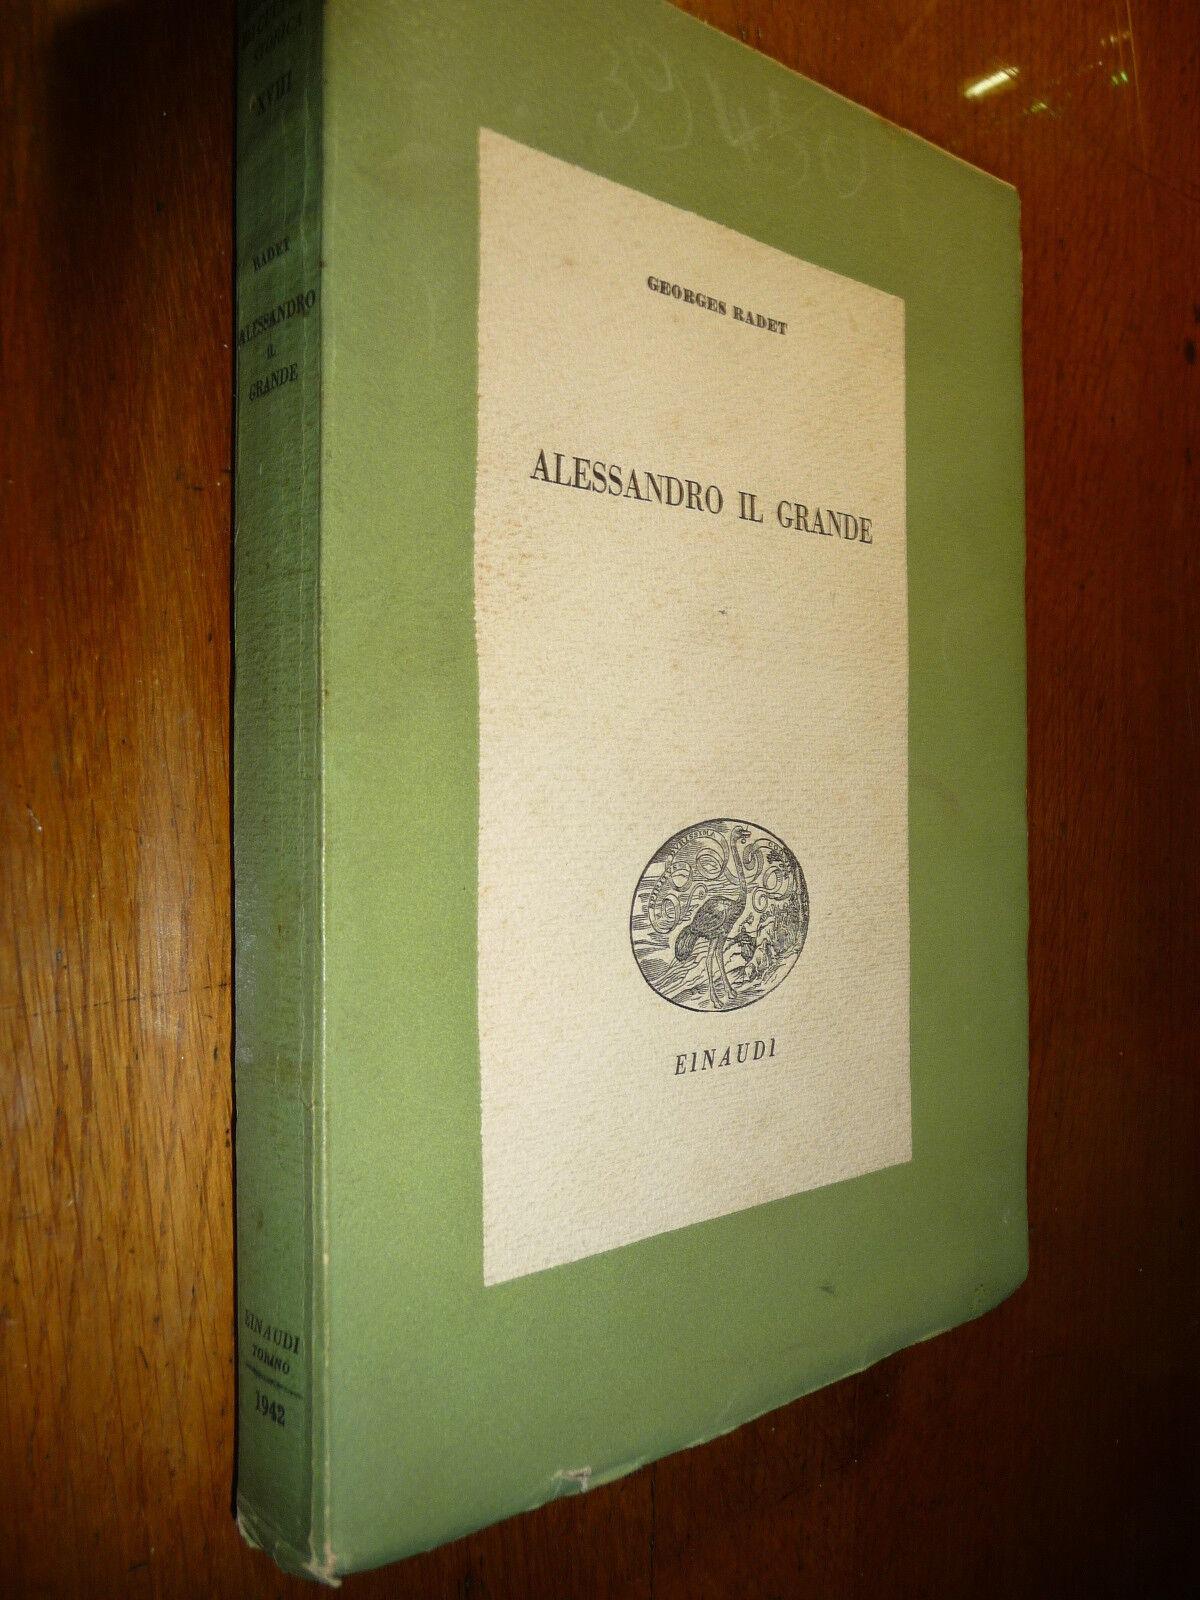 ALESSANDRO IL GRANDE GEORGES RADET 1942 I^ Ed. BIOGRAFIA SUL GRANDE ALESSANDRO